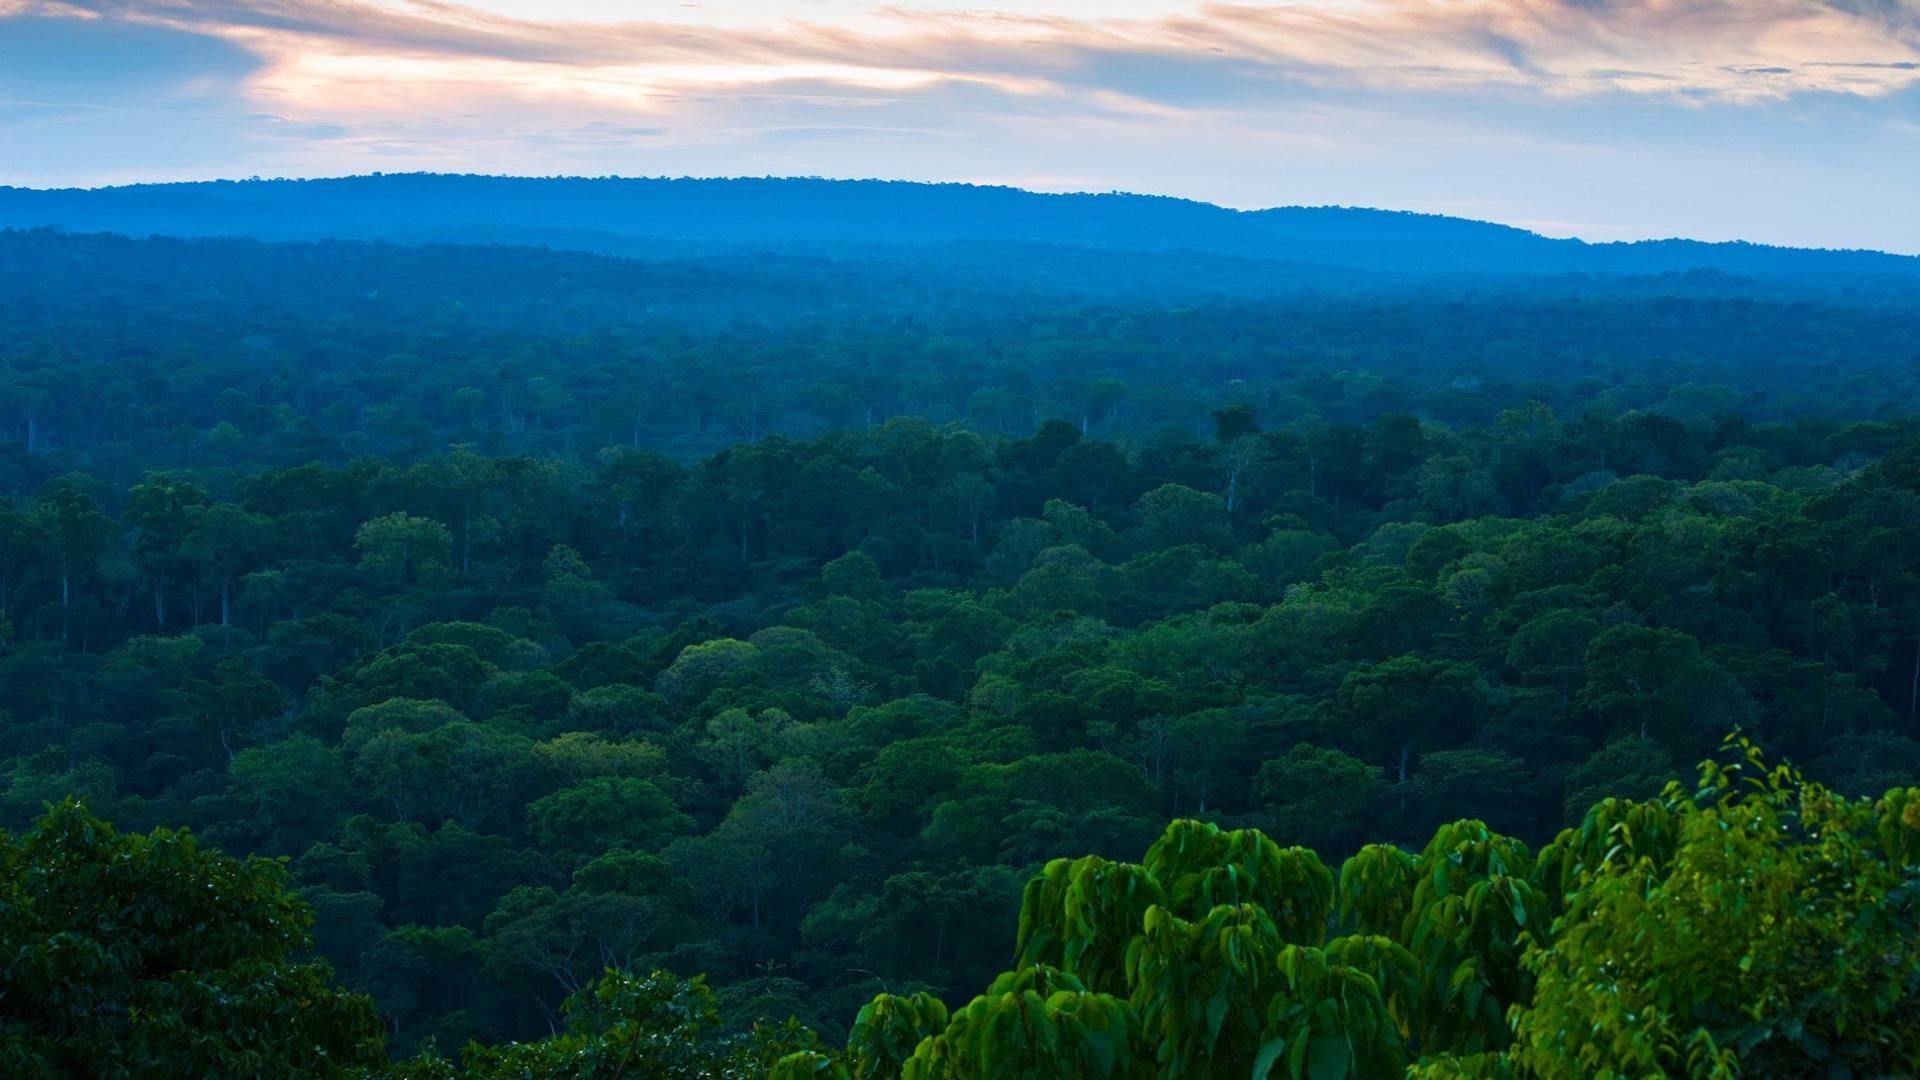 Le bassin du Congo, forêt pluviale menacée   WWF France